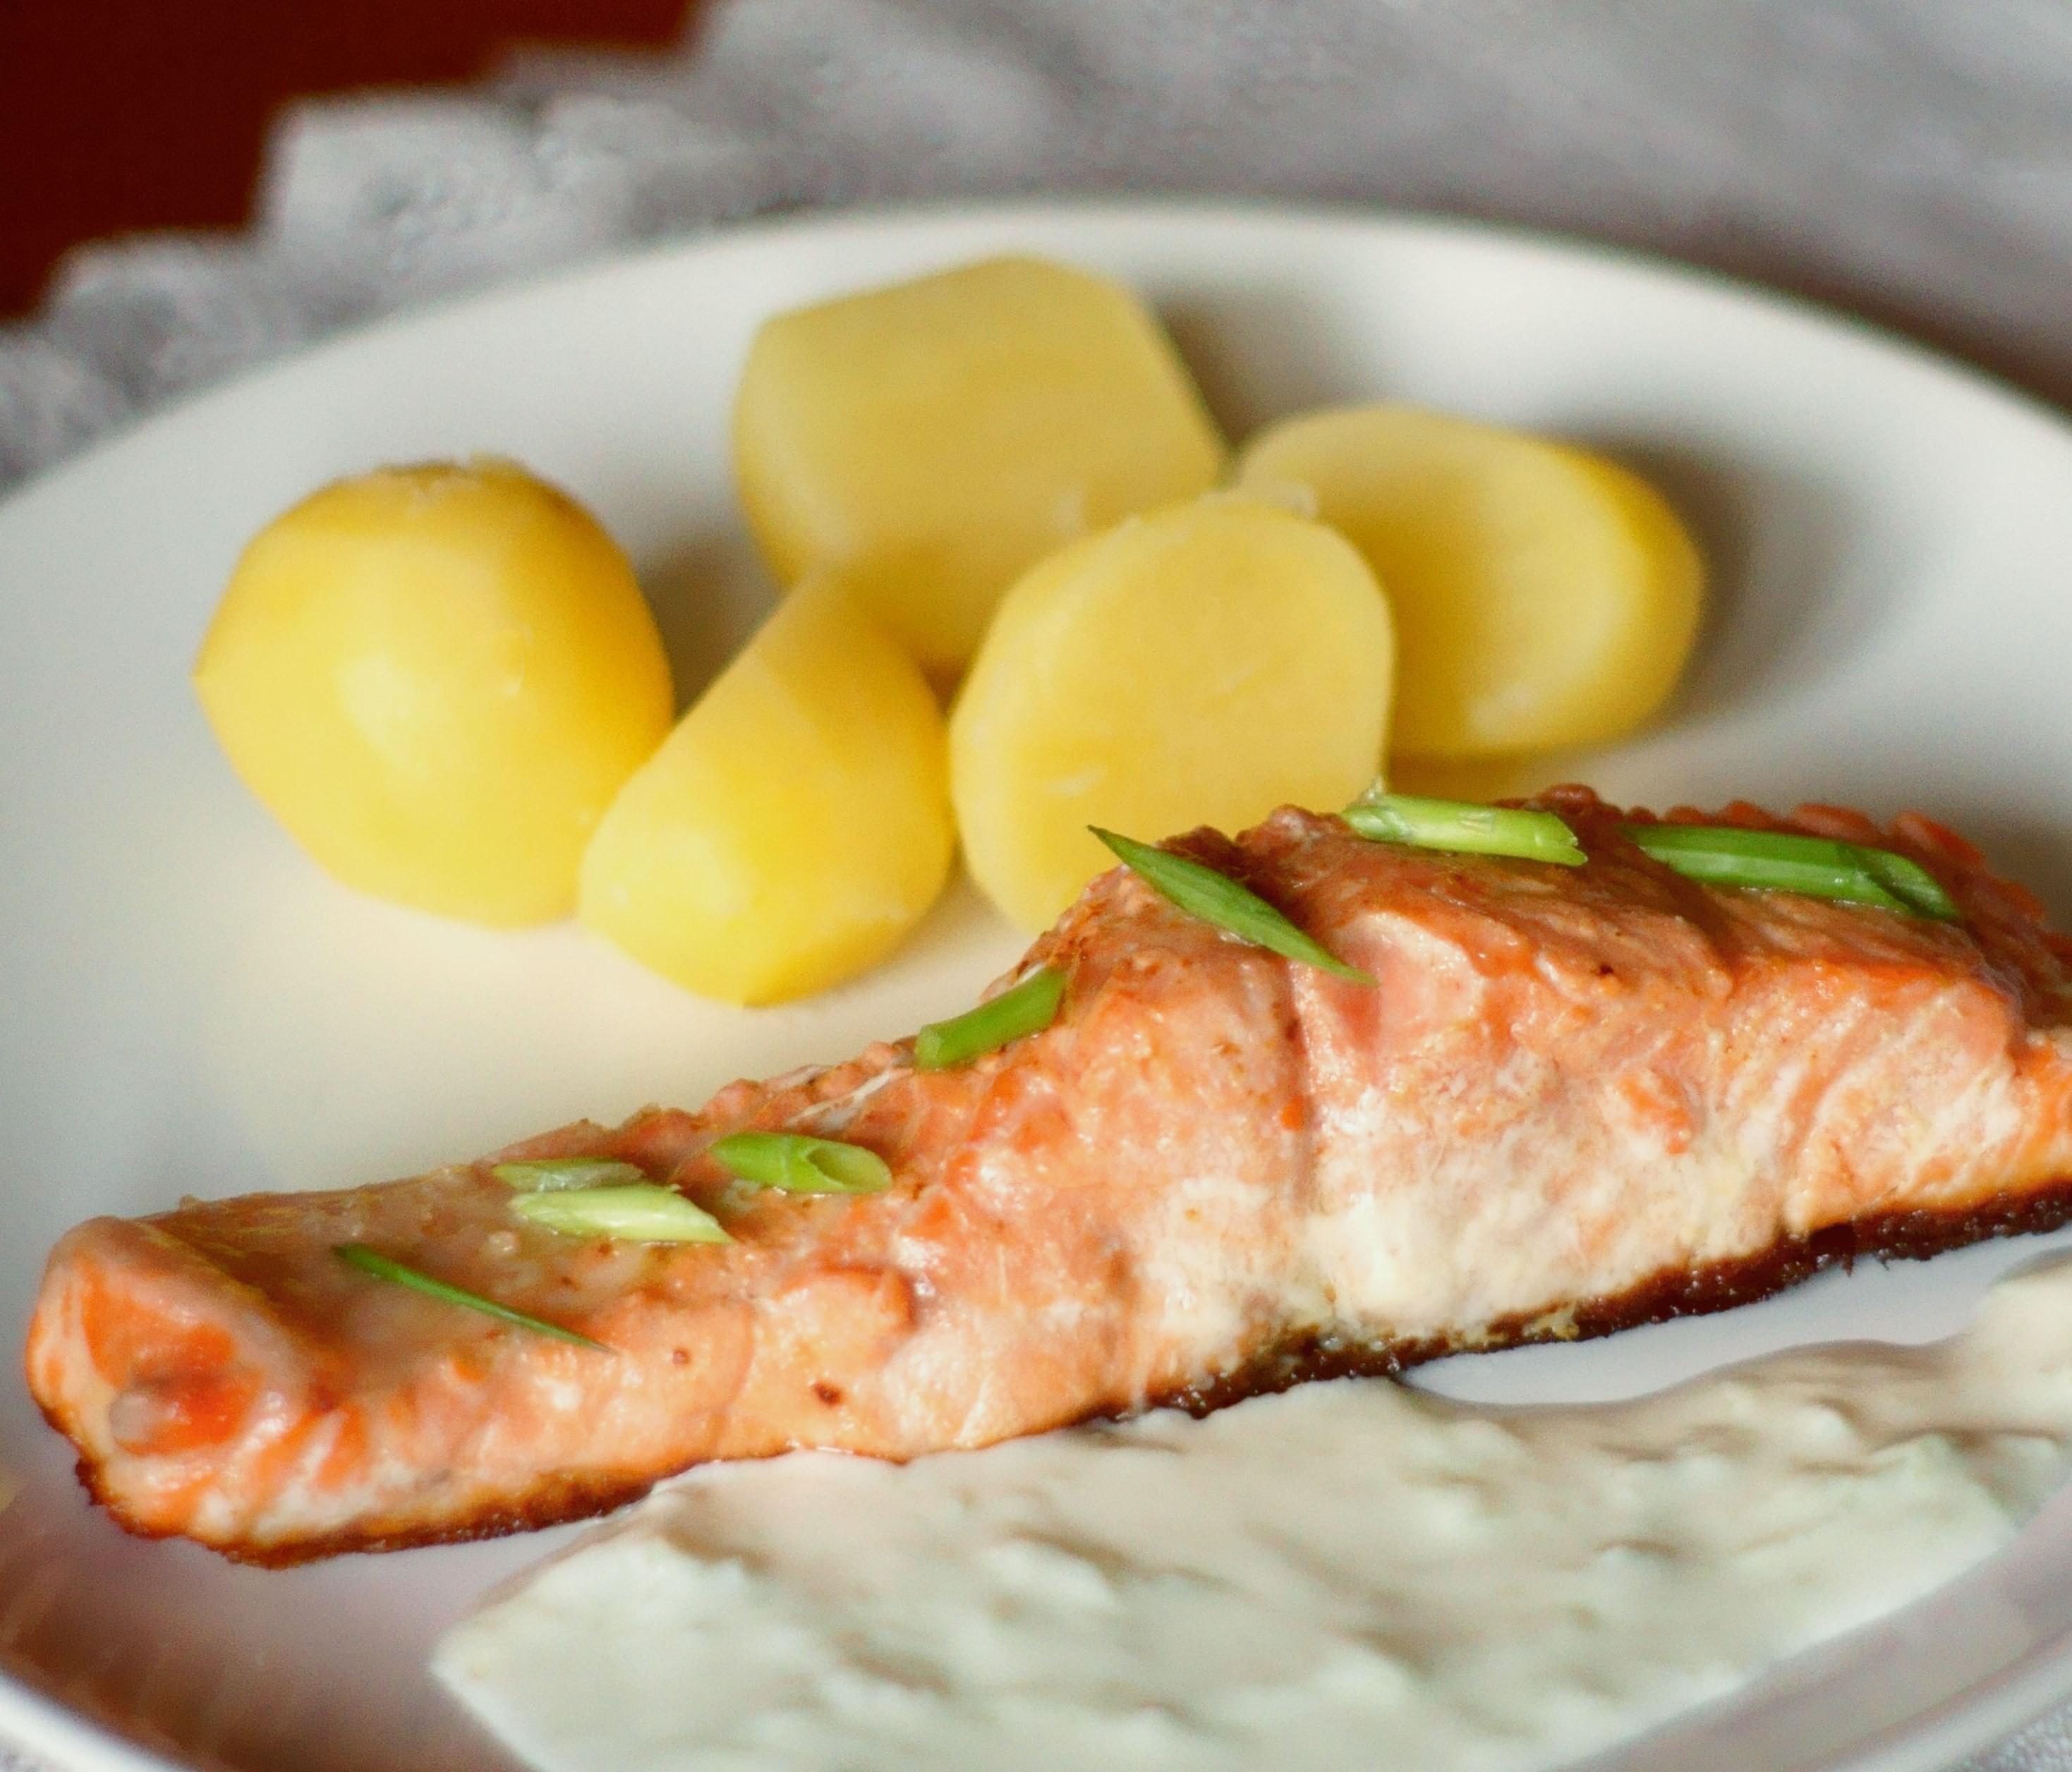 Сложите лосось на противень и дайте постоять 1 час при комнатной температуре.